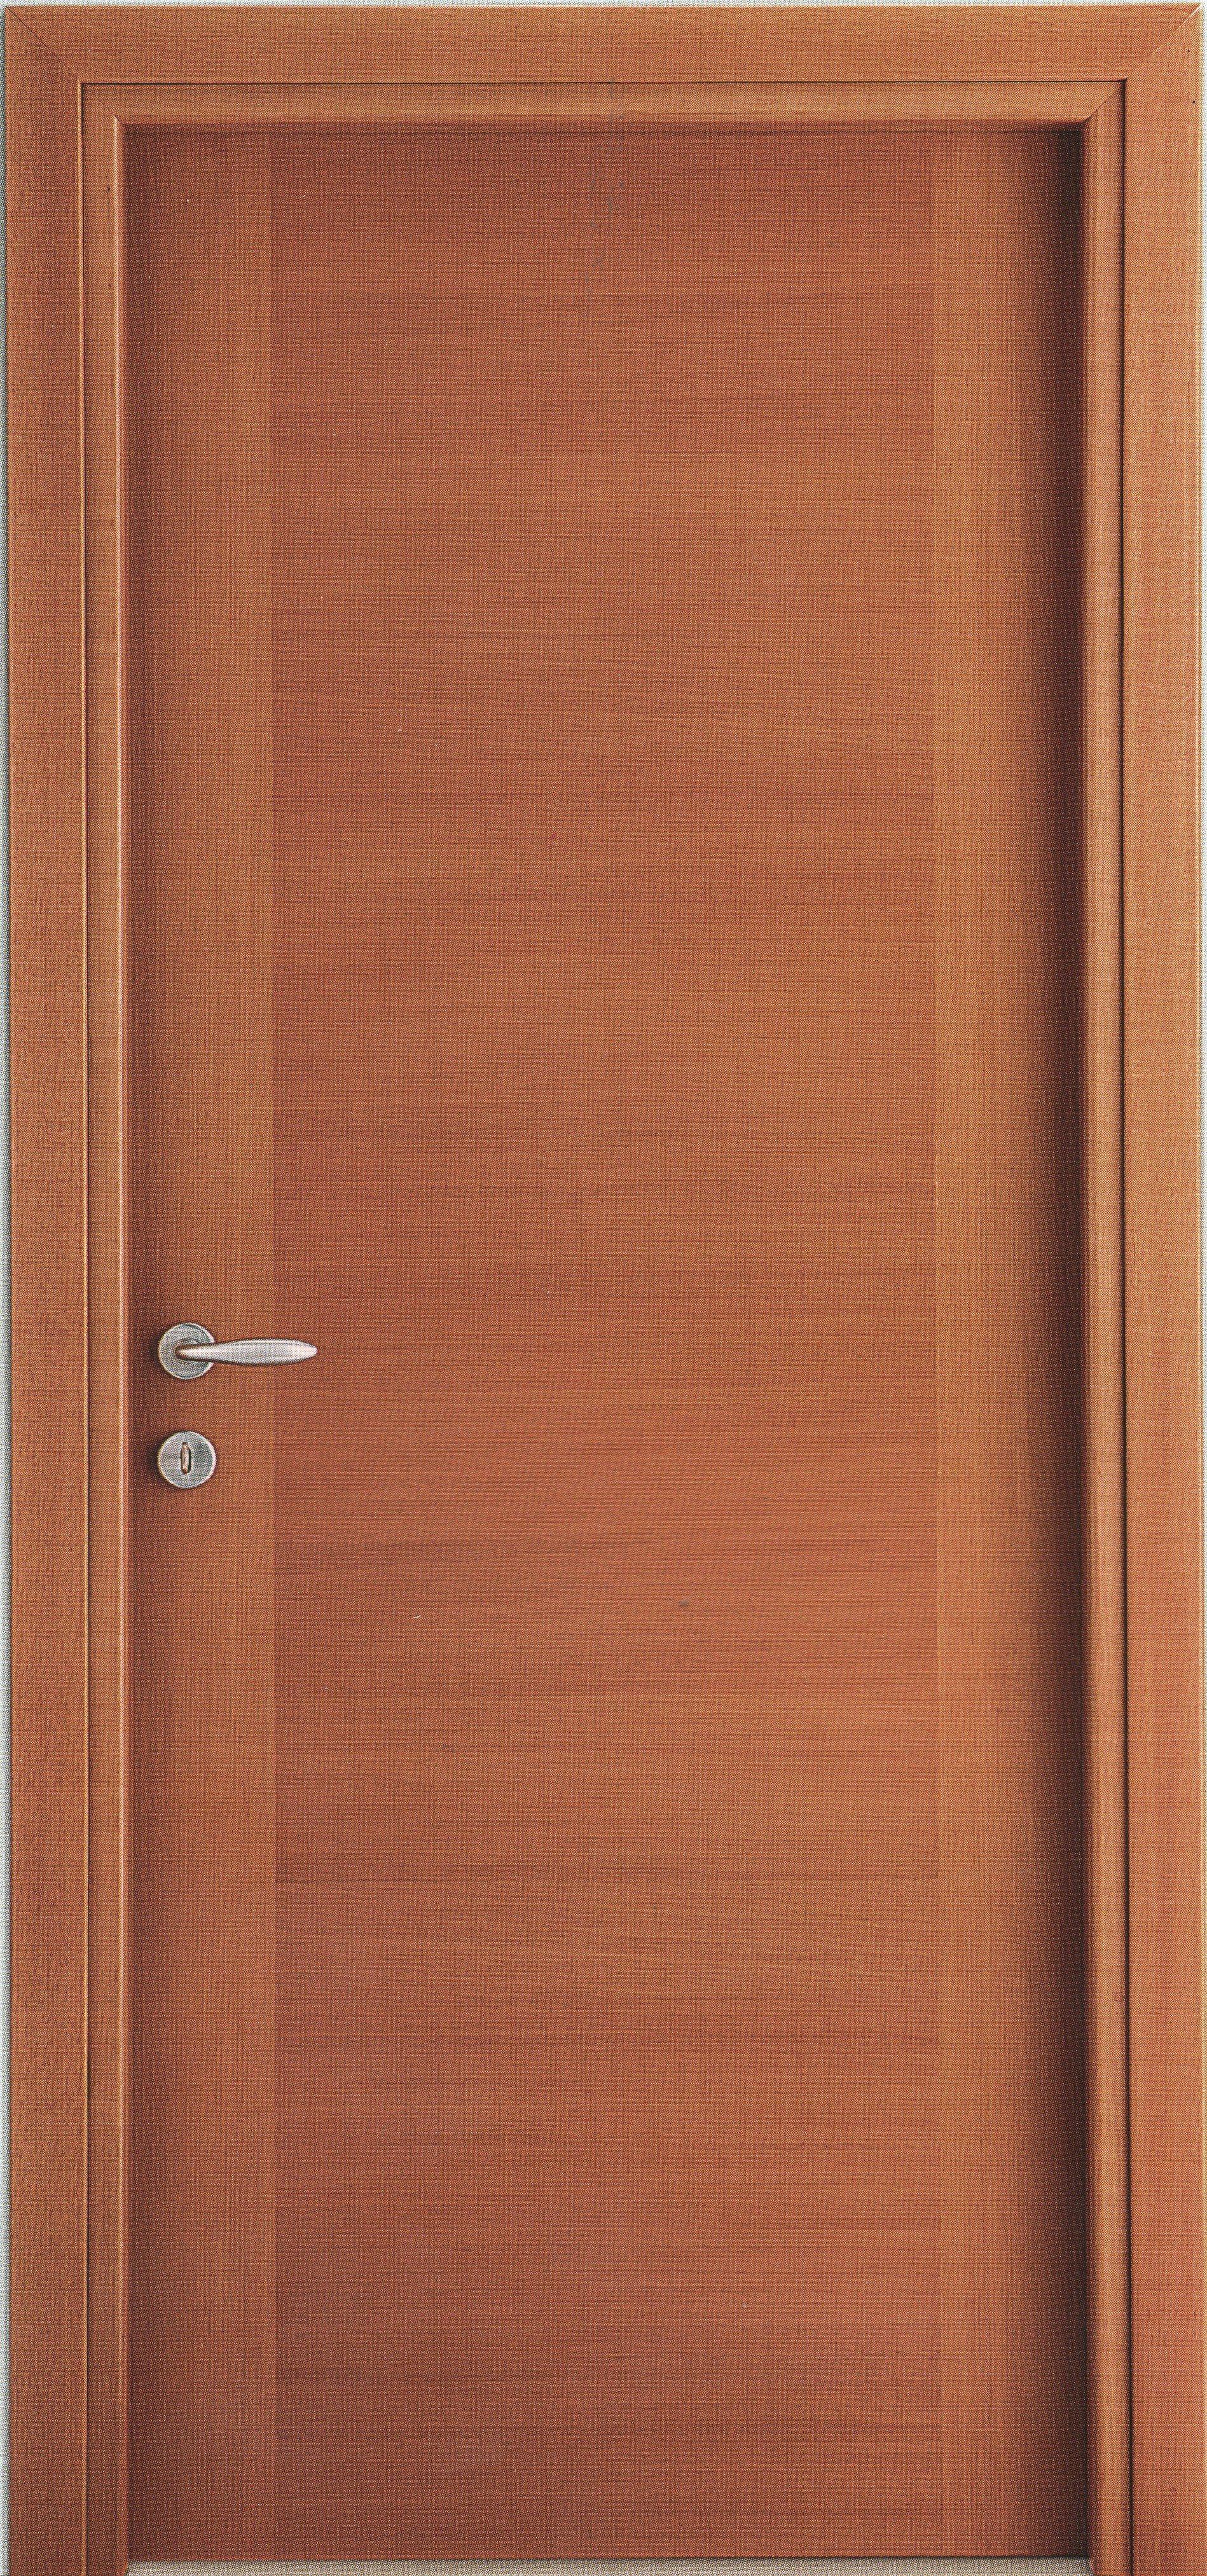 Porte x interni vero legno minimo costo in 3 finiture for Tinte x interni